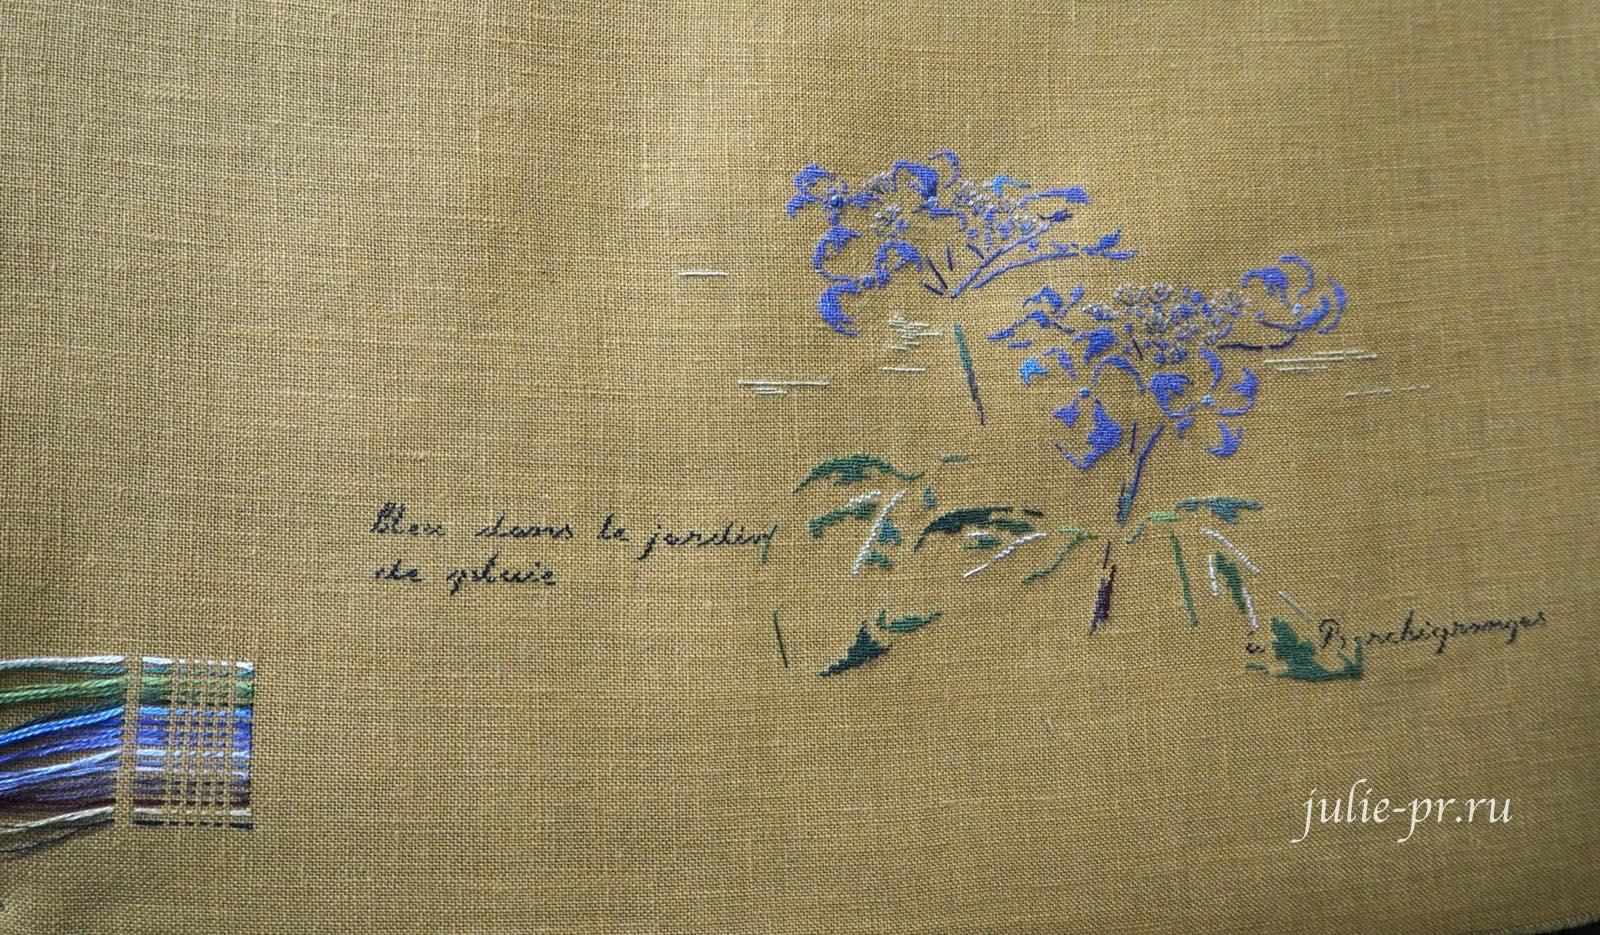 MTSA, Гортензия, вышивка крестом, вышивка петитом